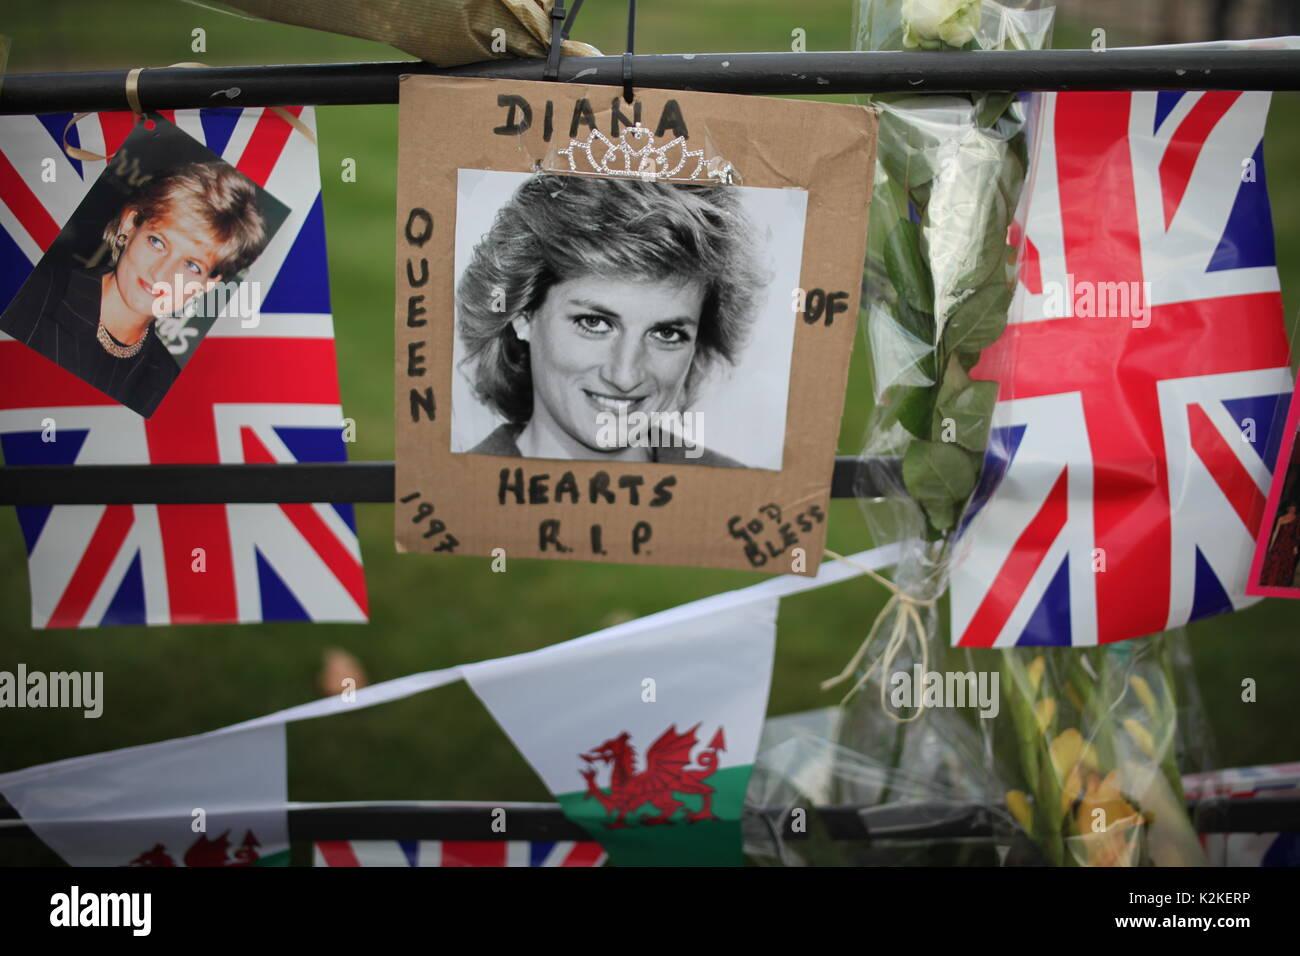 Londres, Reino Unido. 31 ago, 2017. As pessoas prestar homenagem à Princesa Diana em Kensington Palace depois de vinte anos da sua morte, Londres, Reino Unido Crédito: Nastia M/Alamy Notícias ao vivo Imagens de Stock